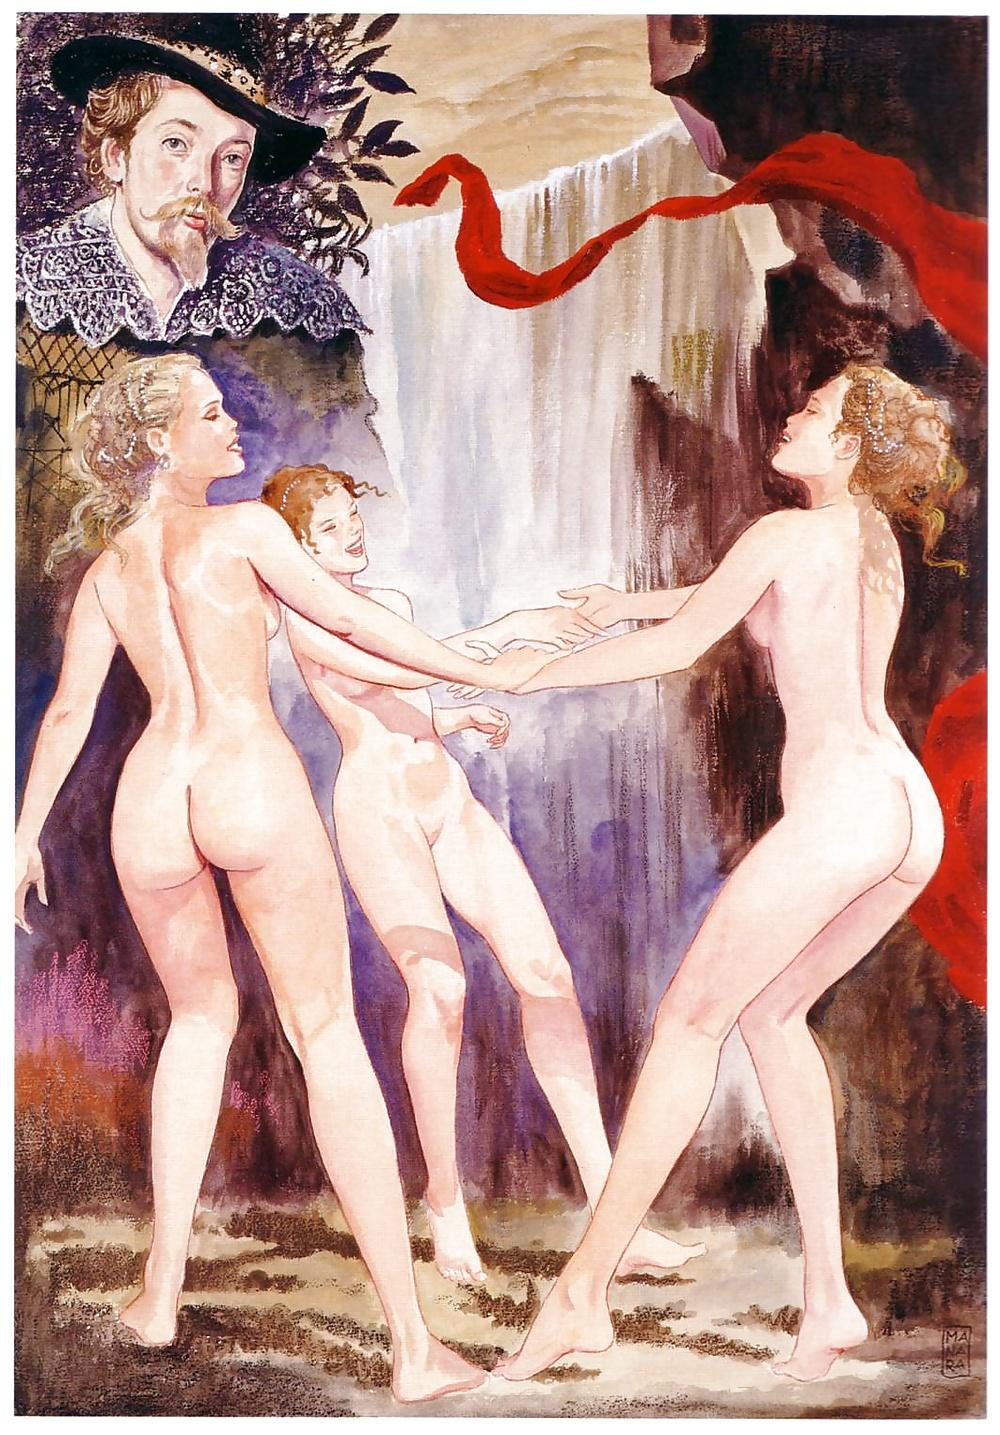 брюнетка искусство эротика видео или даме